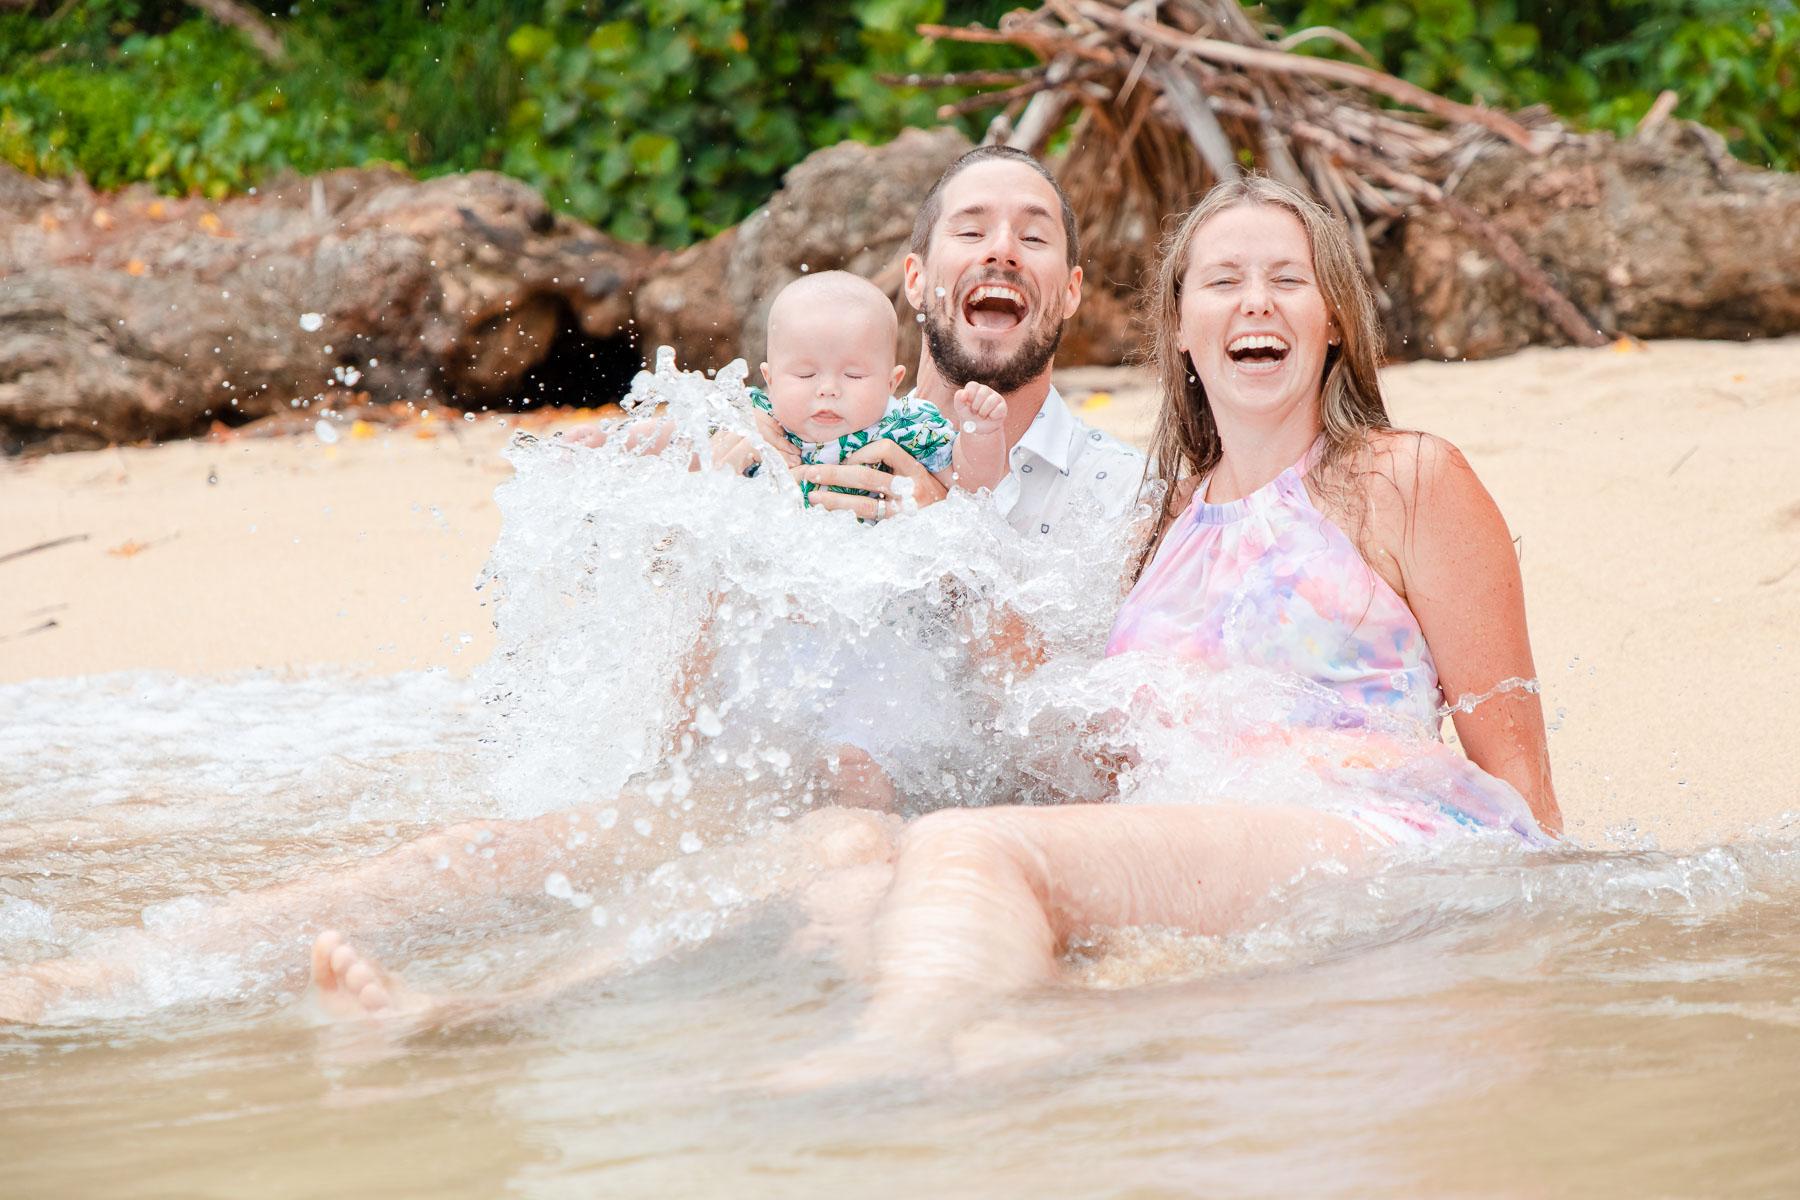 family beach portrait photo oahu hawaii